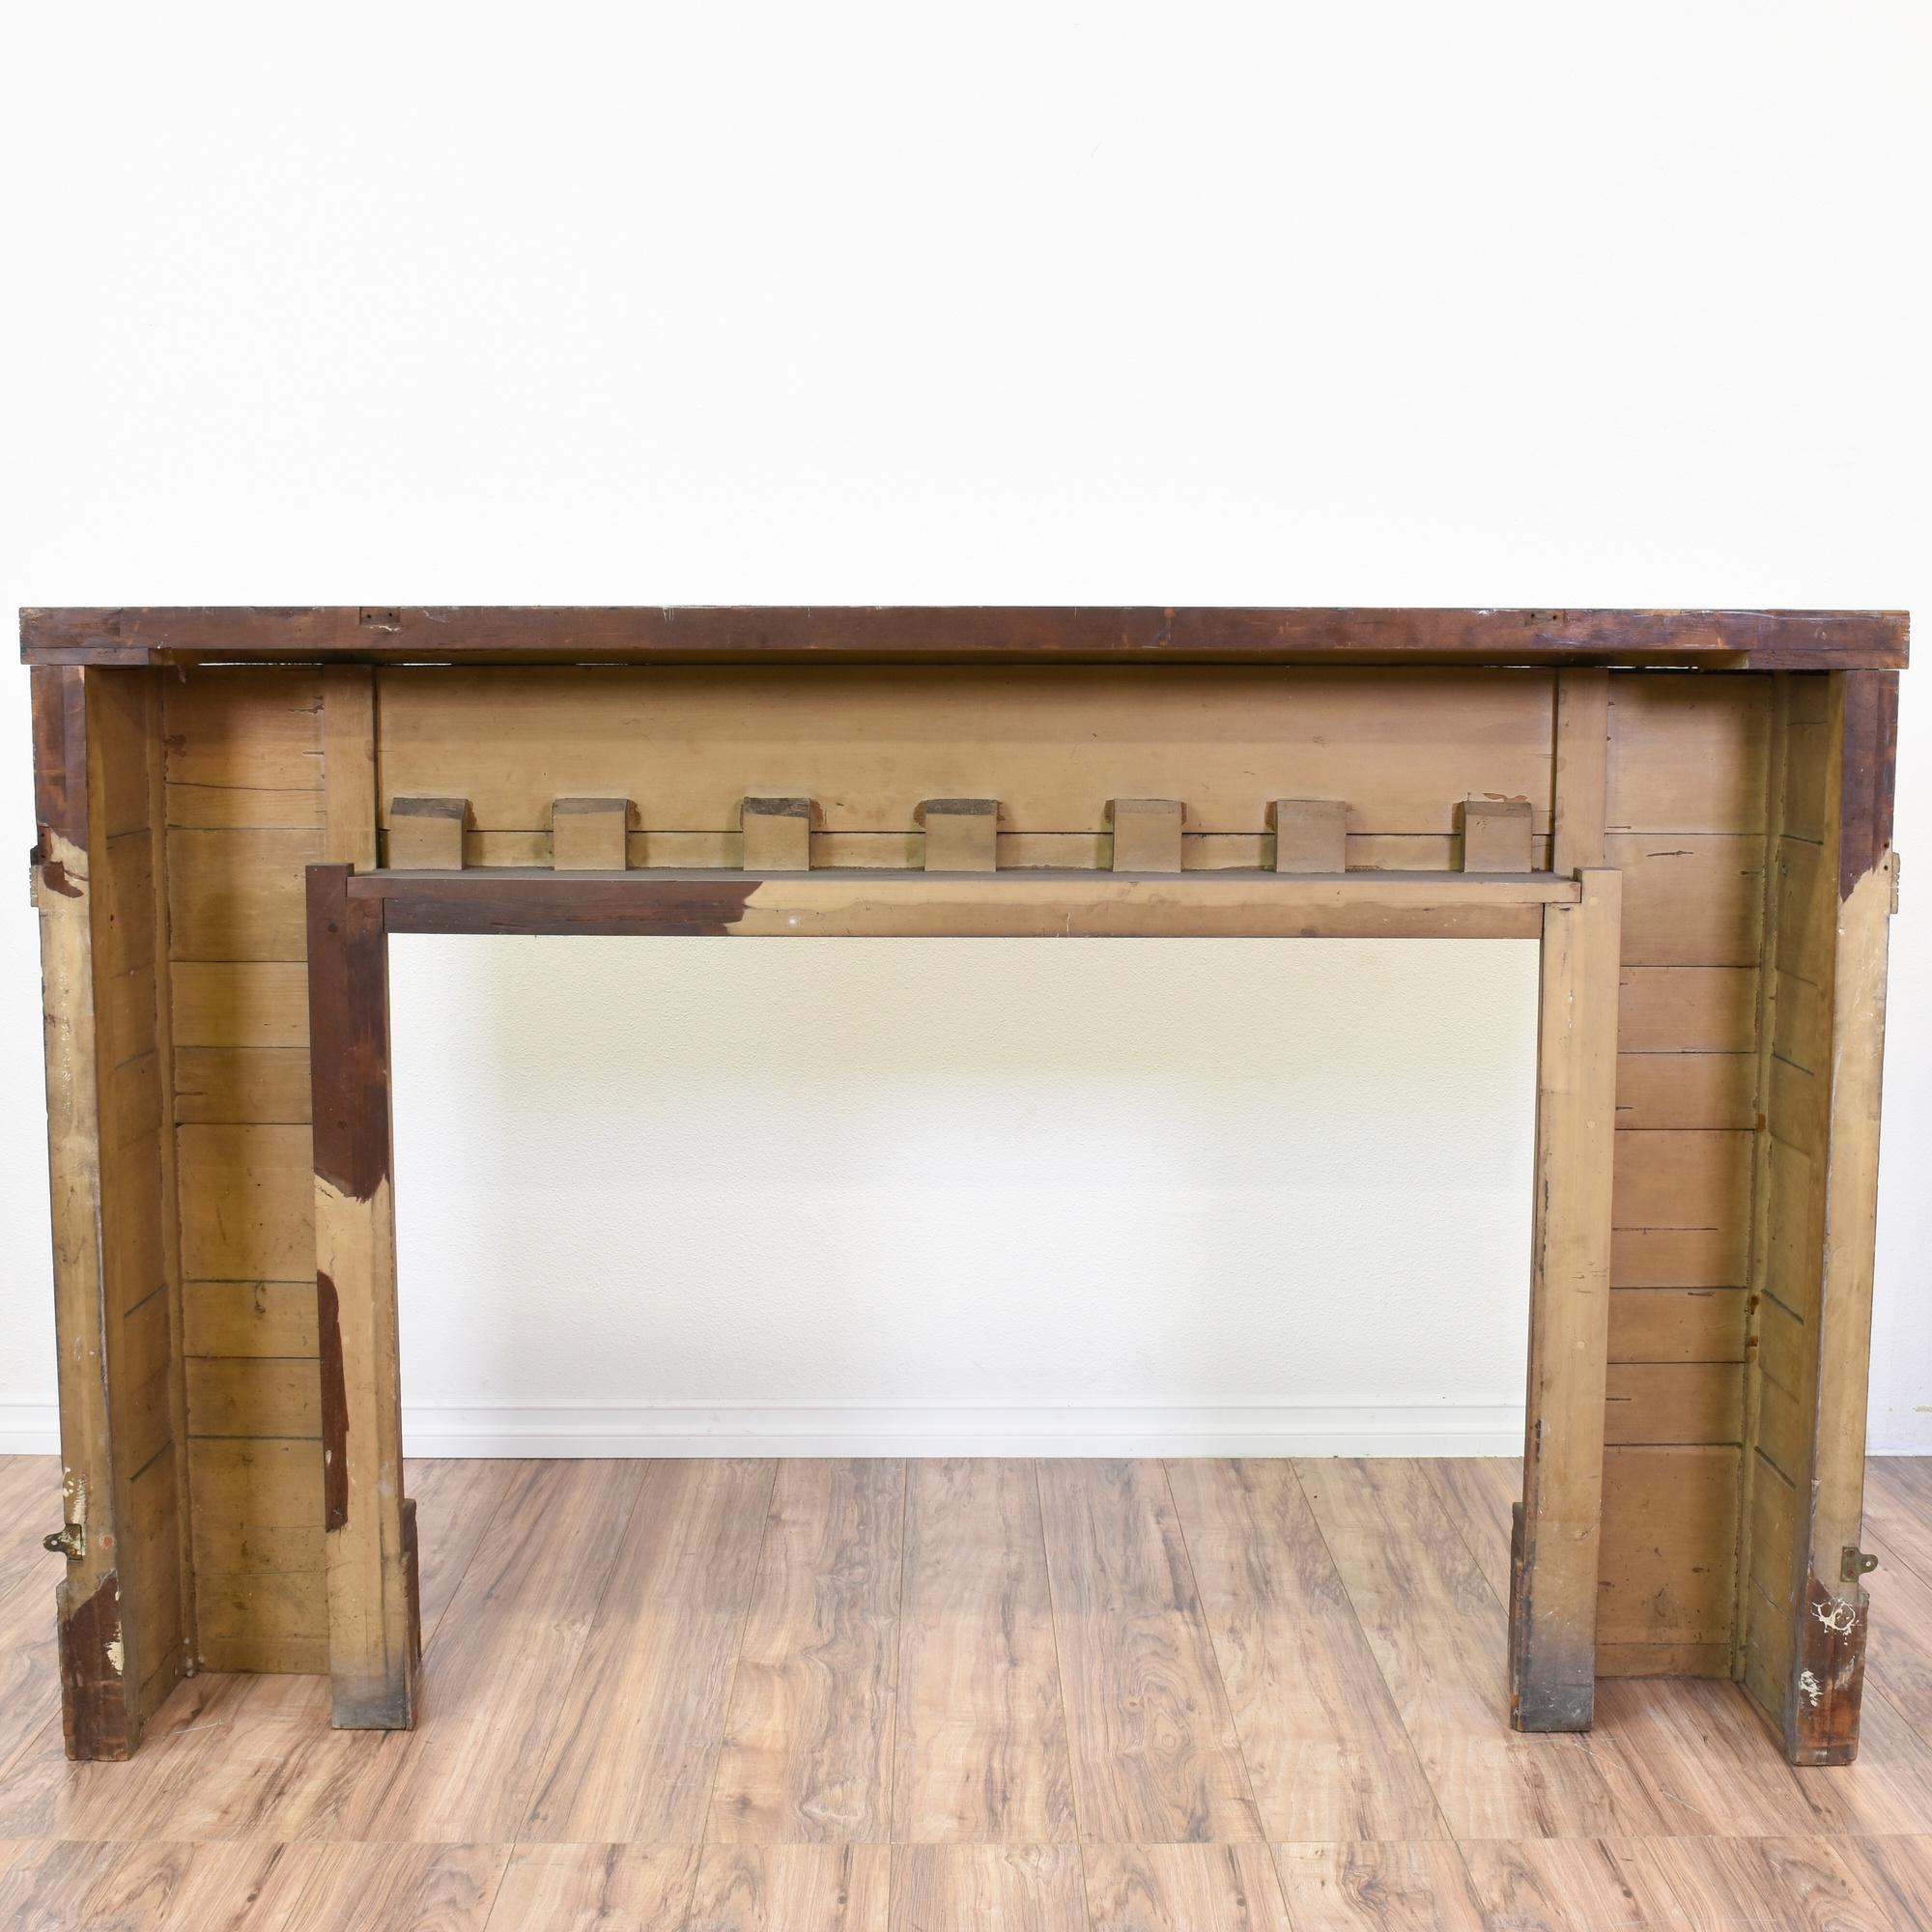 Antique Eastlake Carved Wood Fireplace Mantel